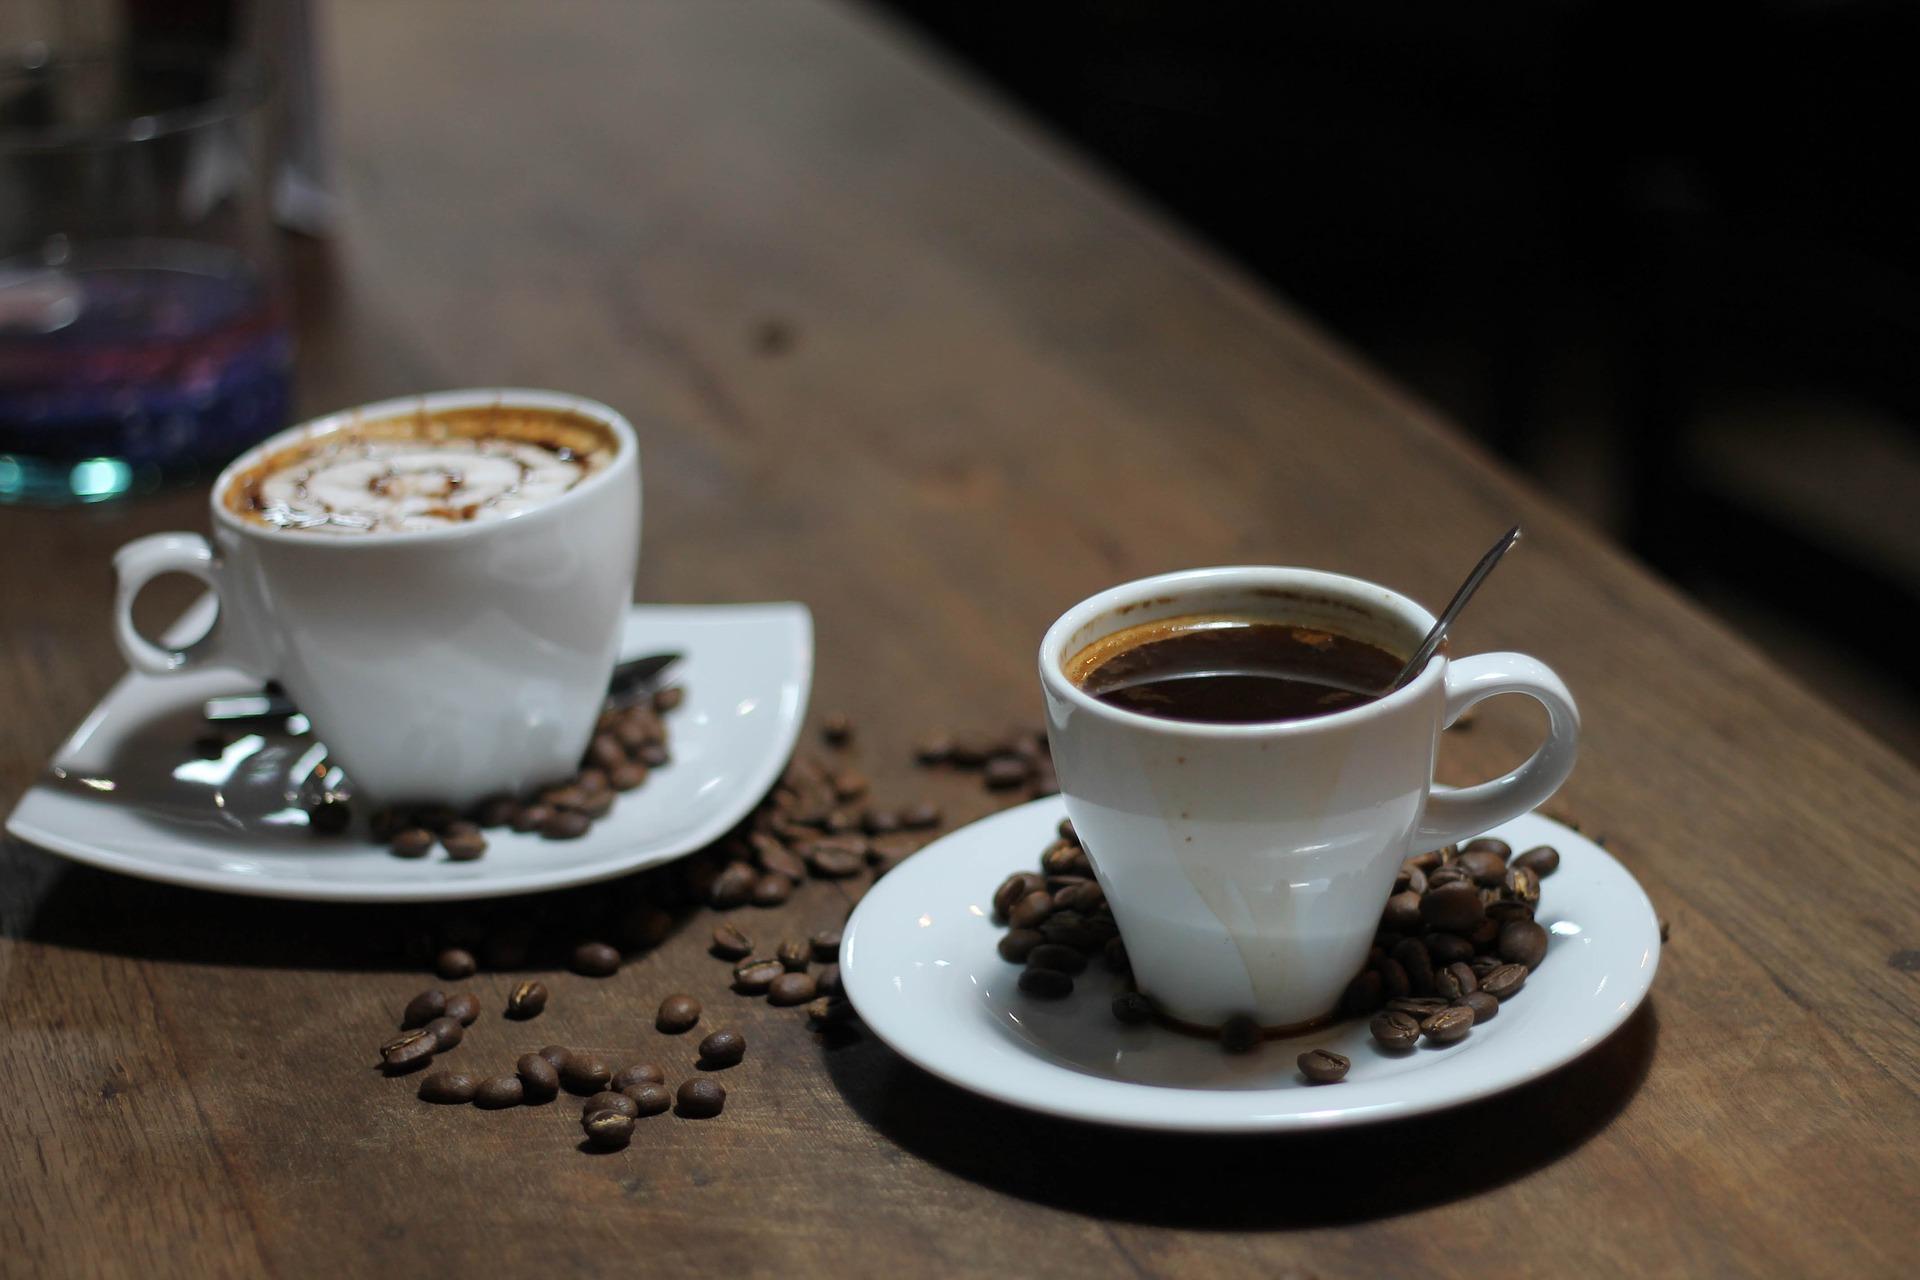 Guter Bio Fairtrade Kaffee und Fairtrade Tee online kaufen - Ökotopia Onlineshop Tee kaufen